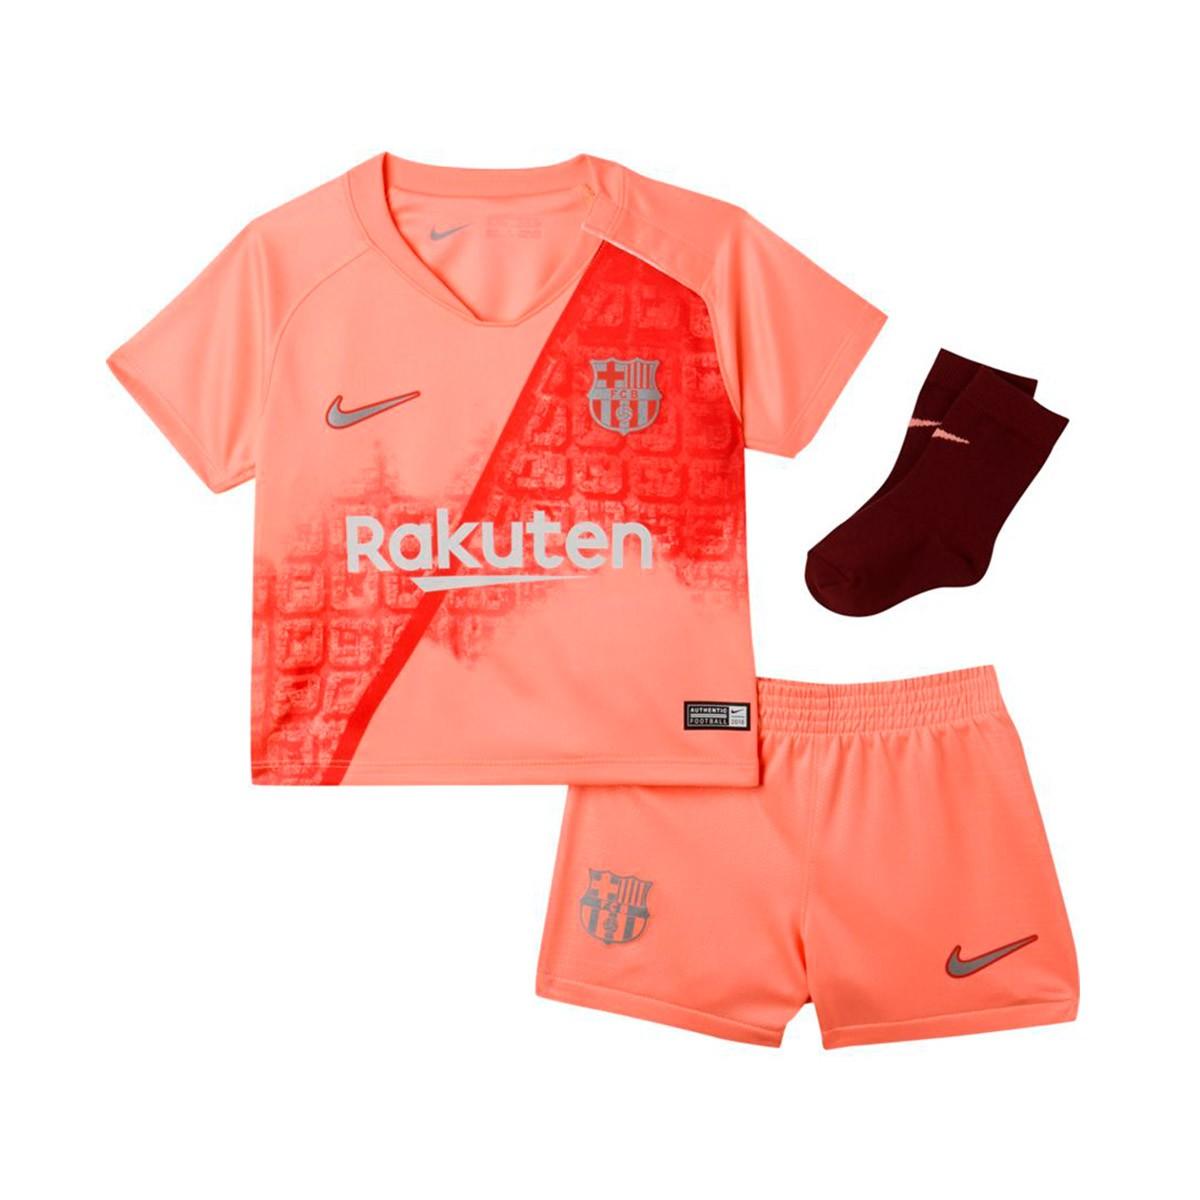 b3dcc16134e Kit Nike Infant FC Barcelona 2018-2019 Third Light atomic pink ...